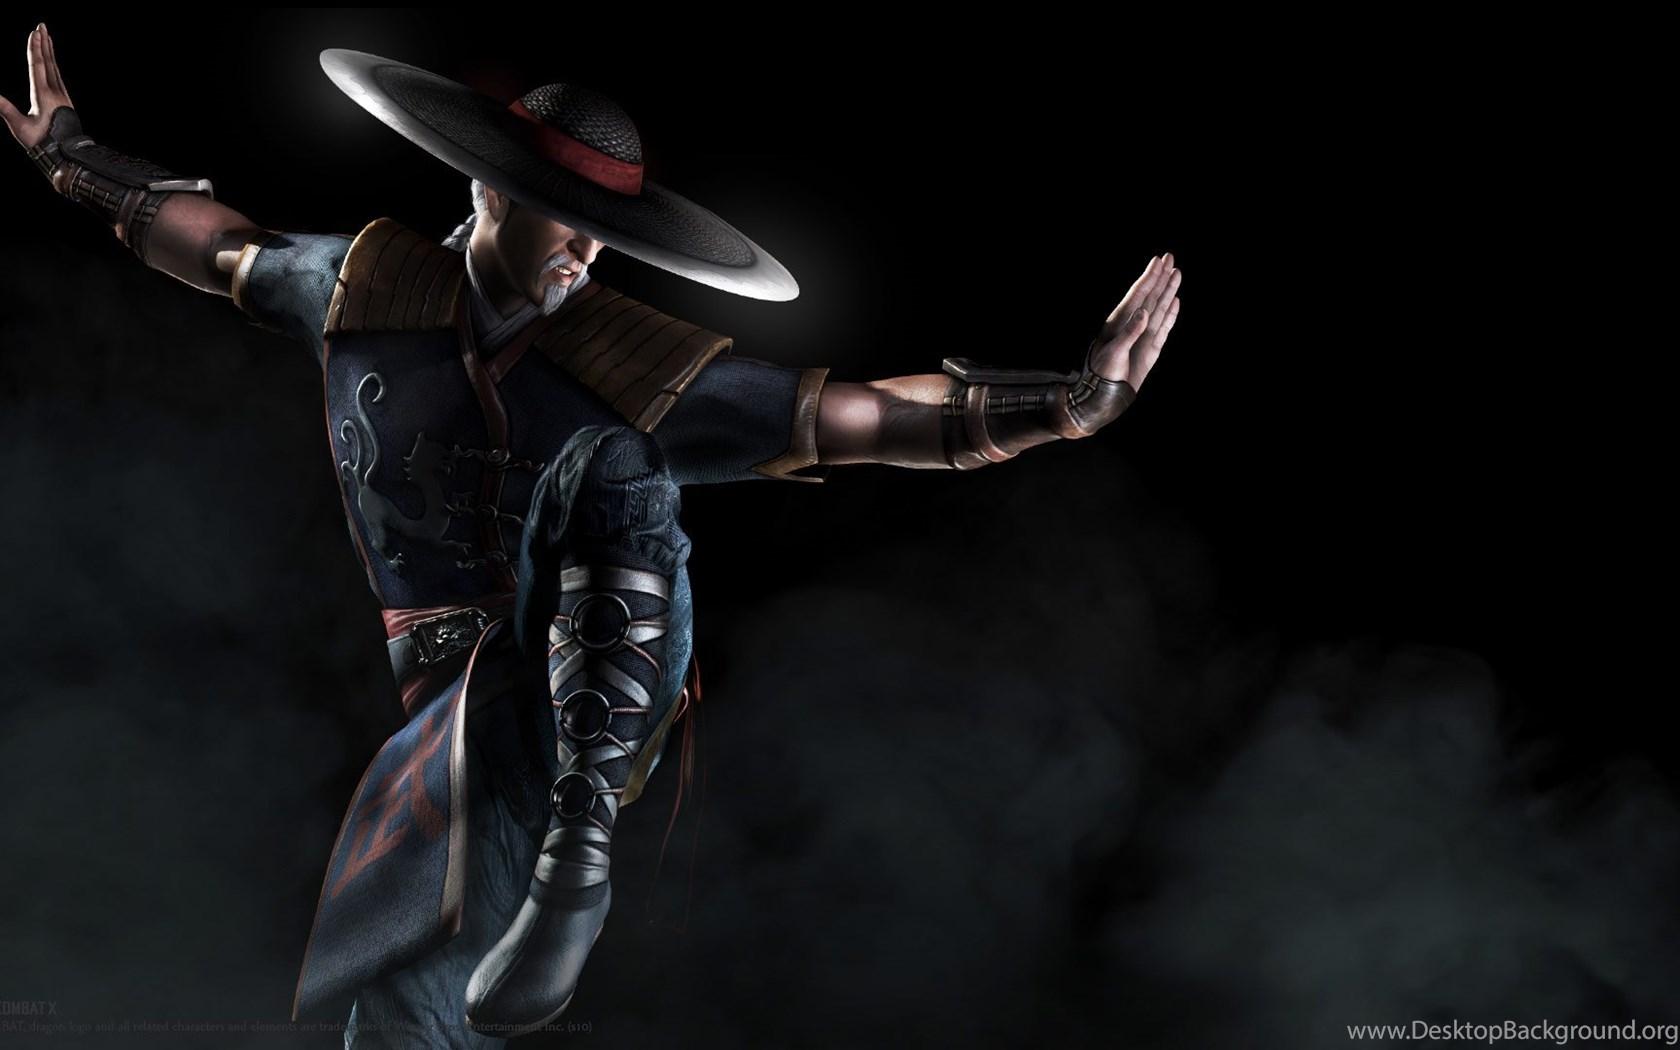 Mortal Kombat X Characters Wallpapers Desktop Background